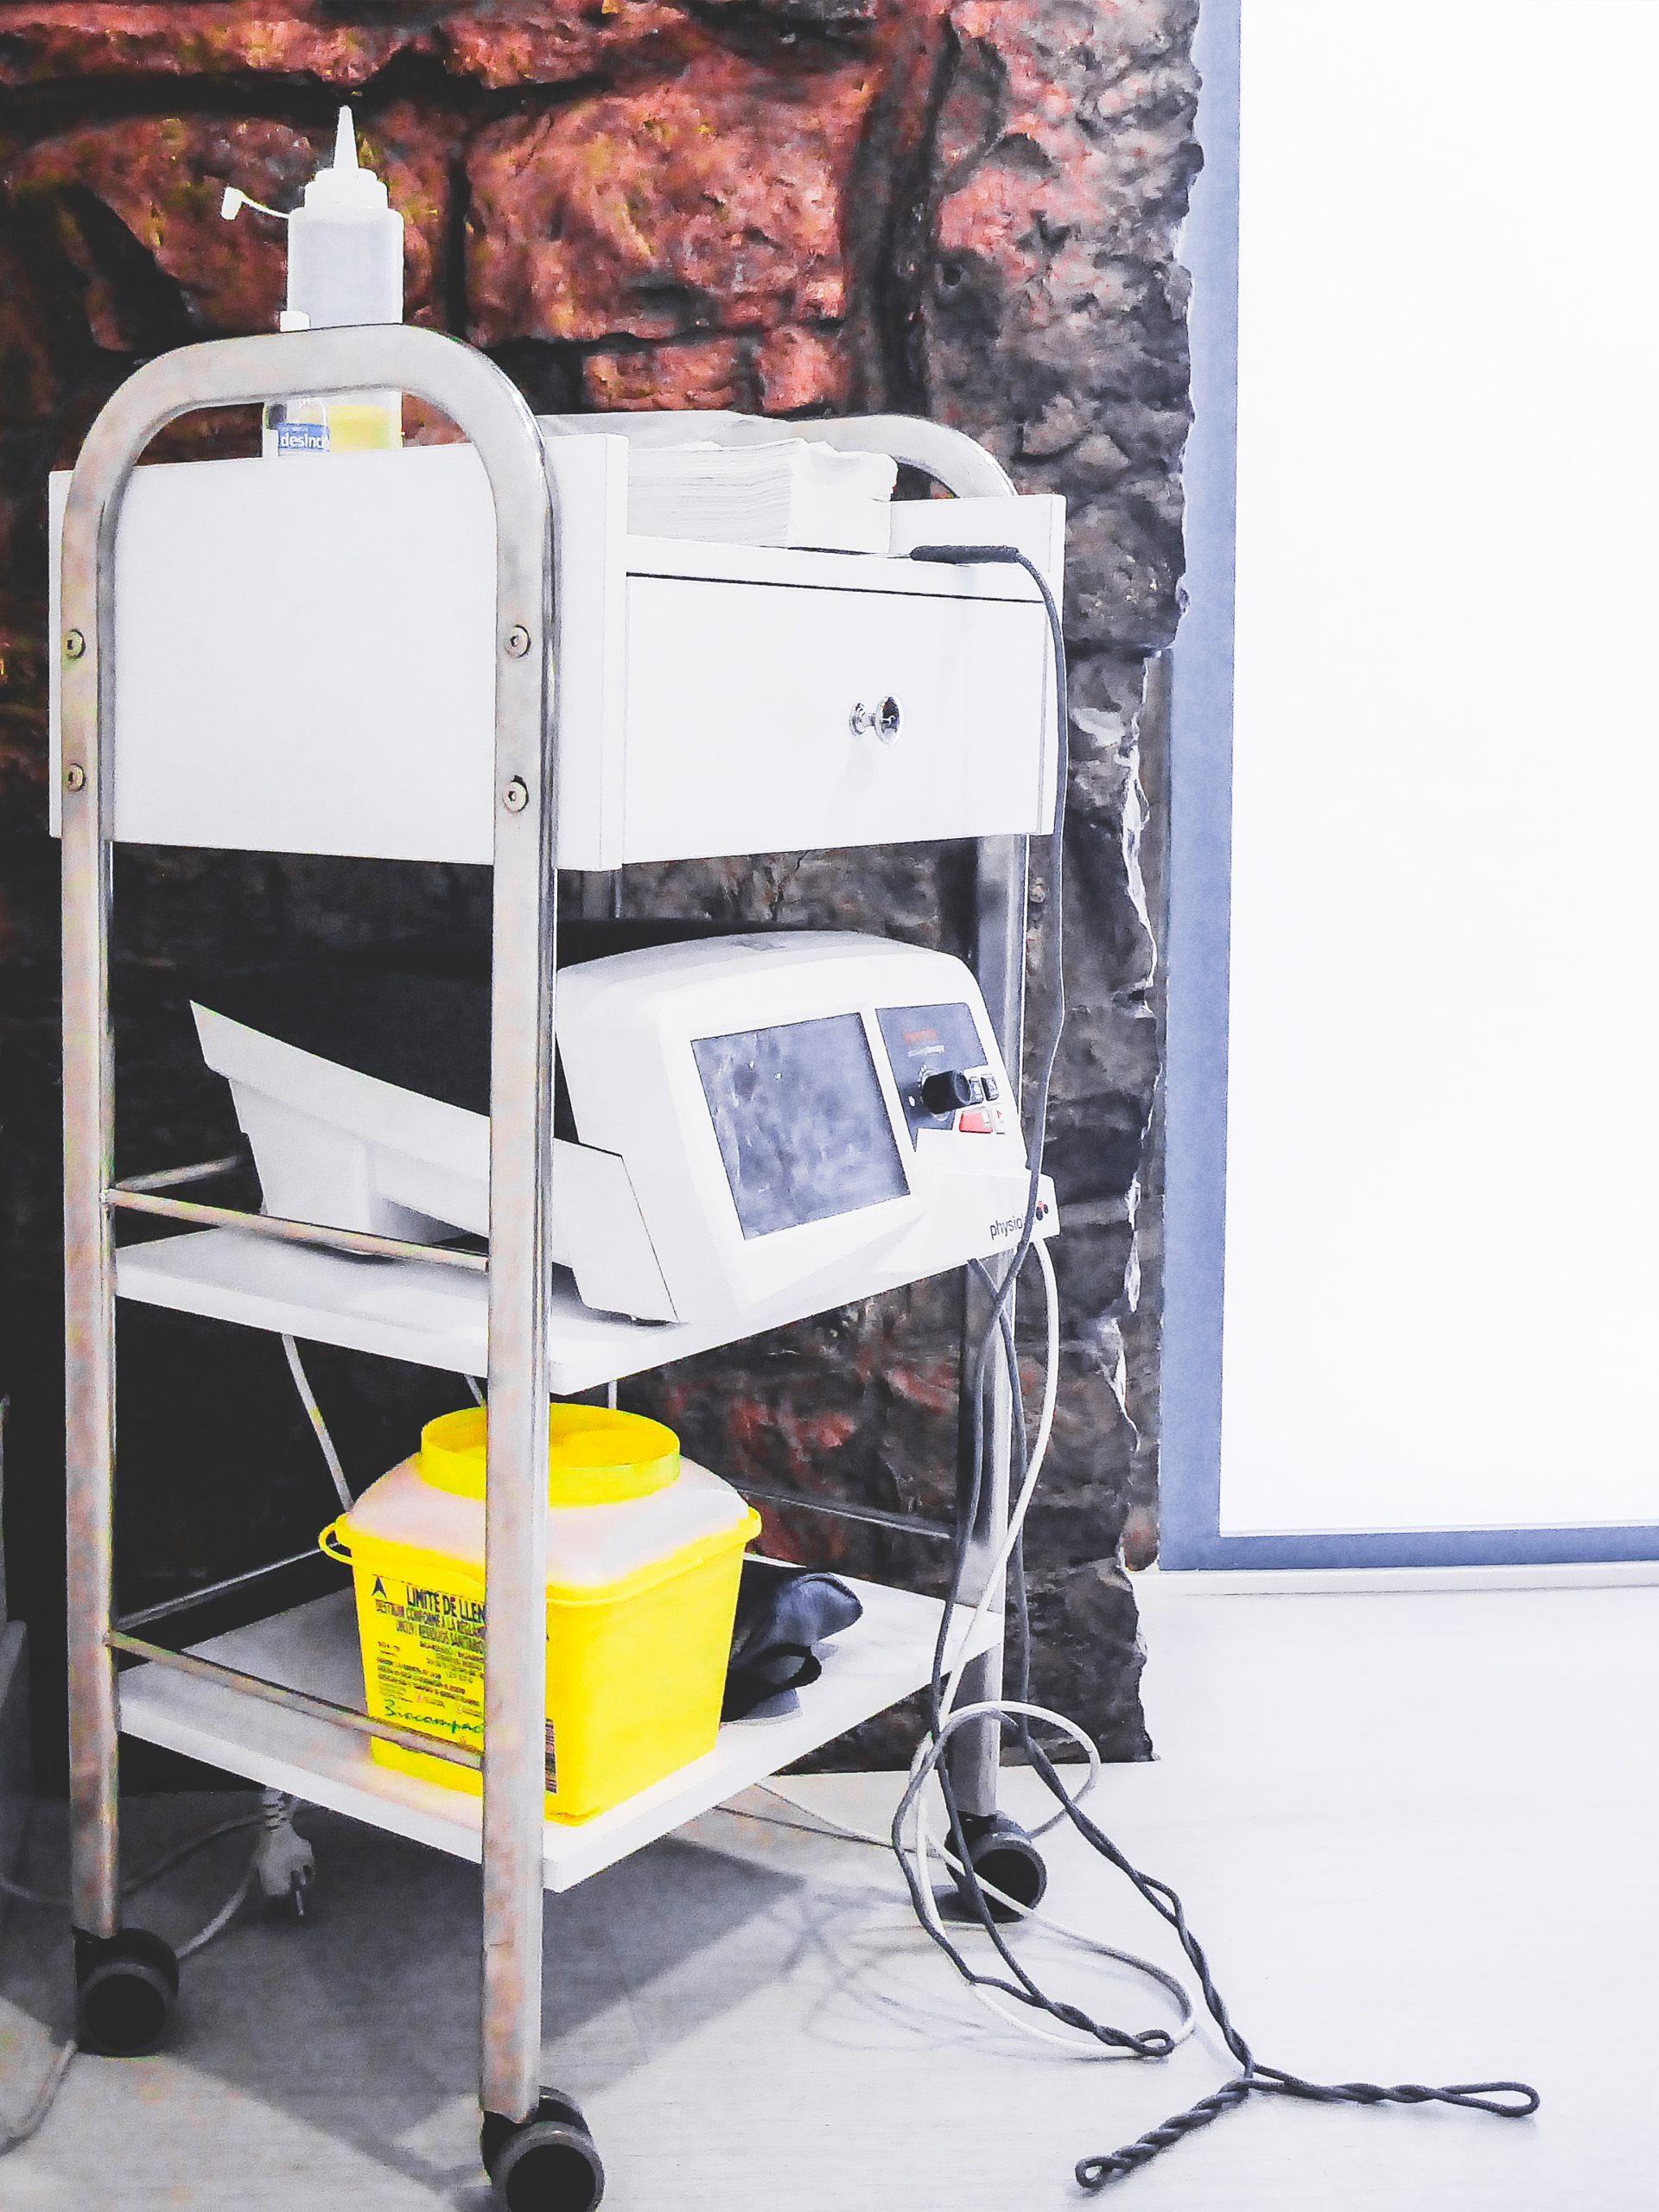 Instalaciones. Anna-Iñaki Sendai centro de fisioterapia - osteopatía en Donostia